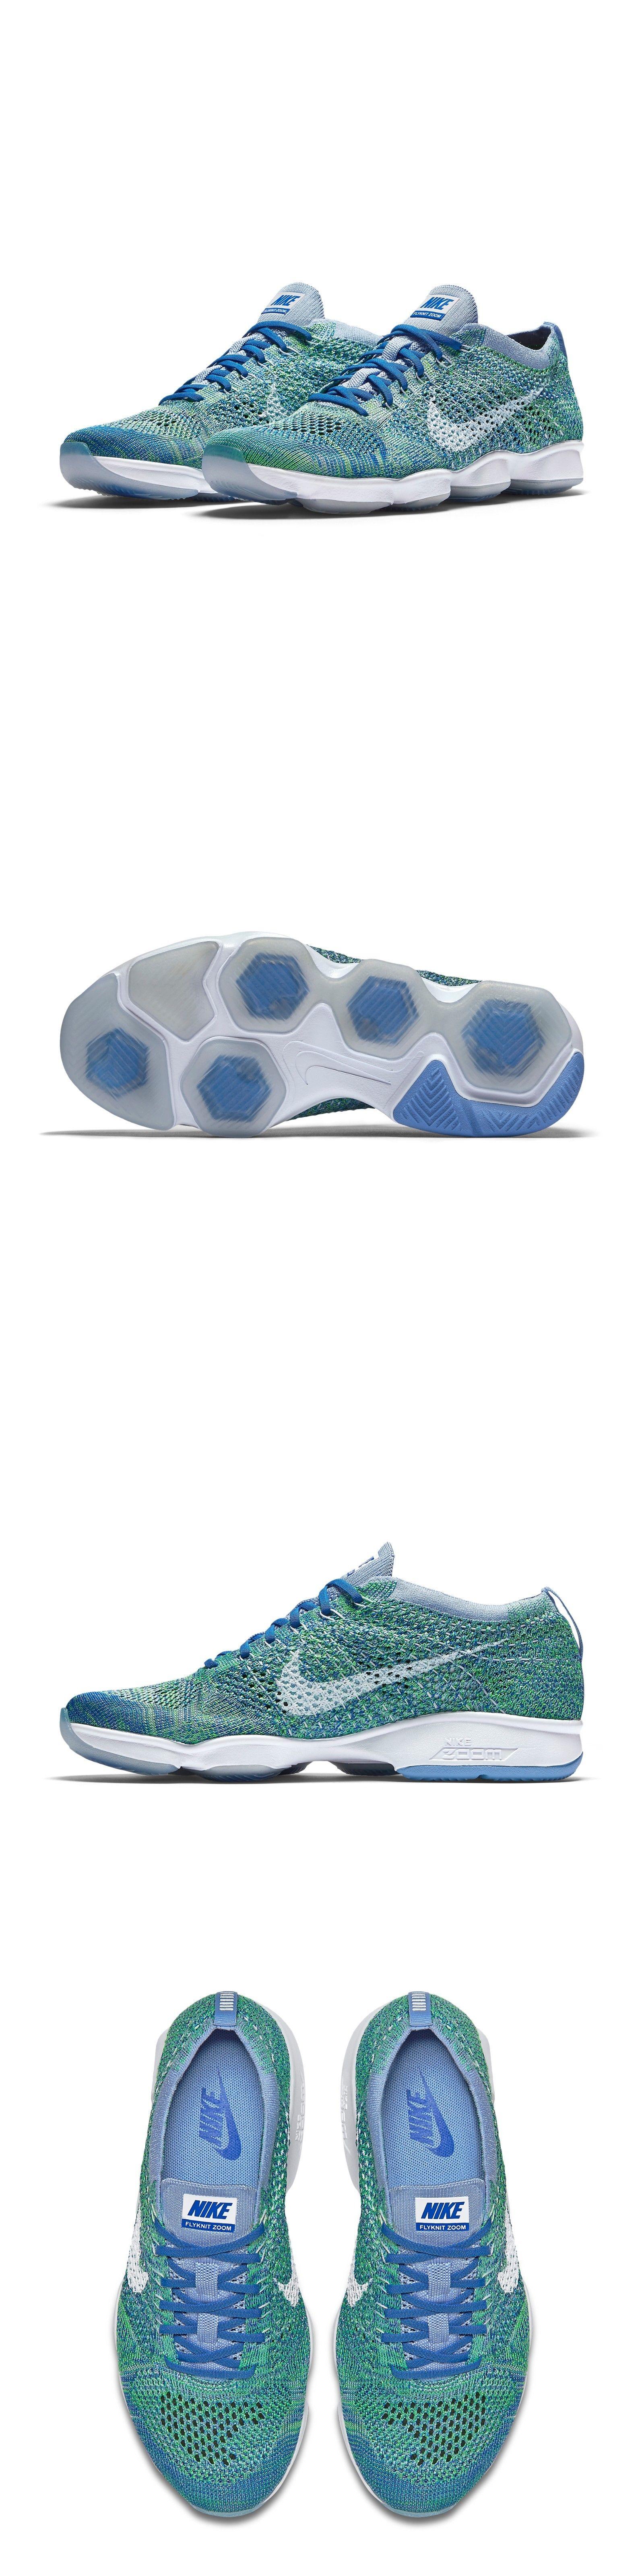 El Athletic 95672 95672 Athletic Mujer S Nike Zoom Zapatos Nuevos Flyknit Entrenamiento De La Agilidad 32f3a3